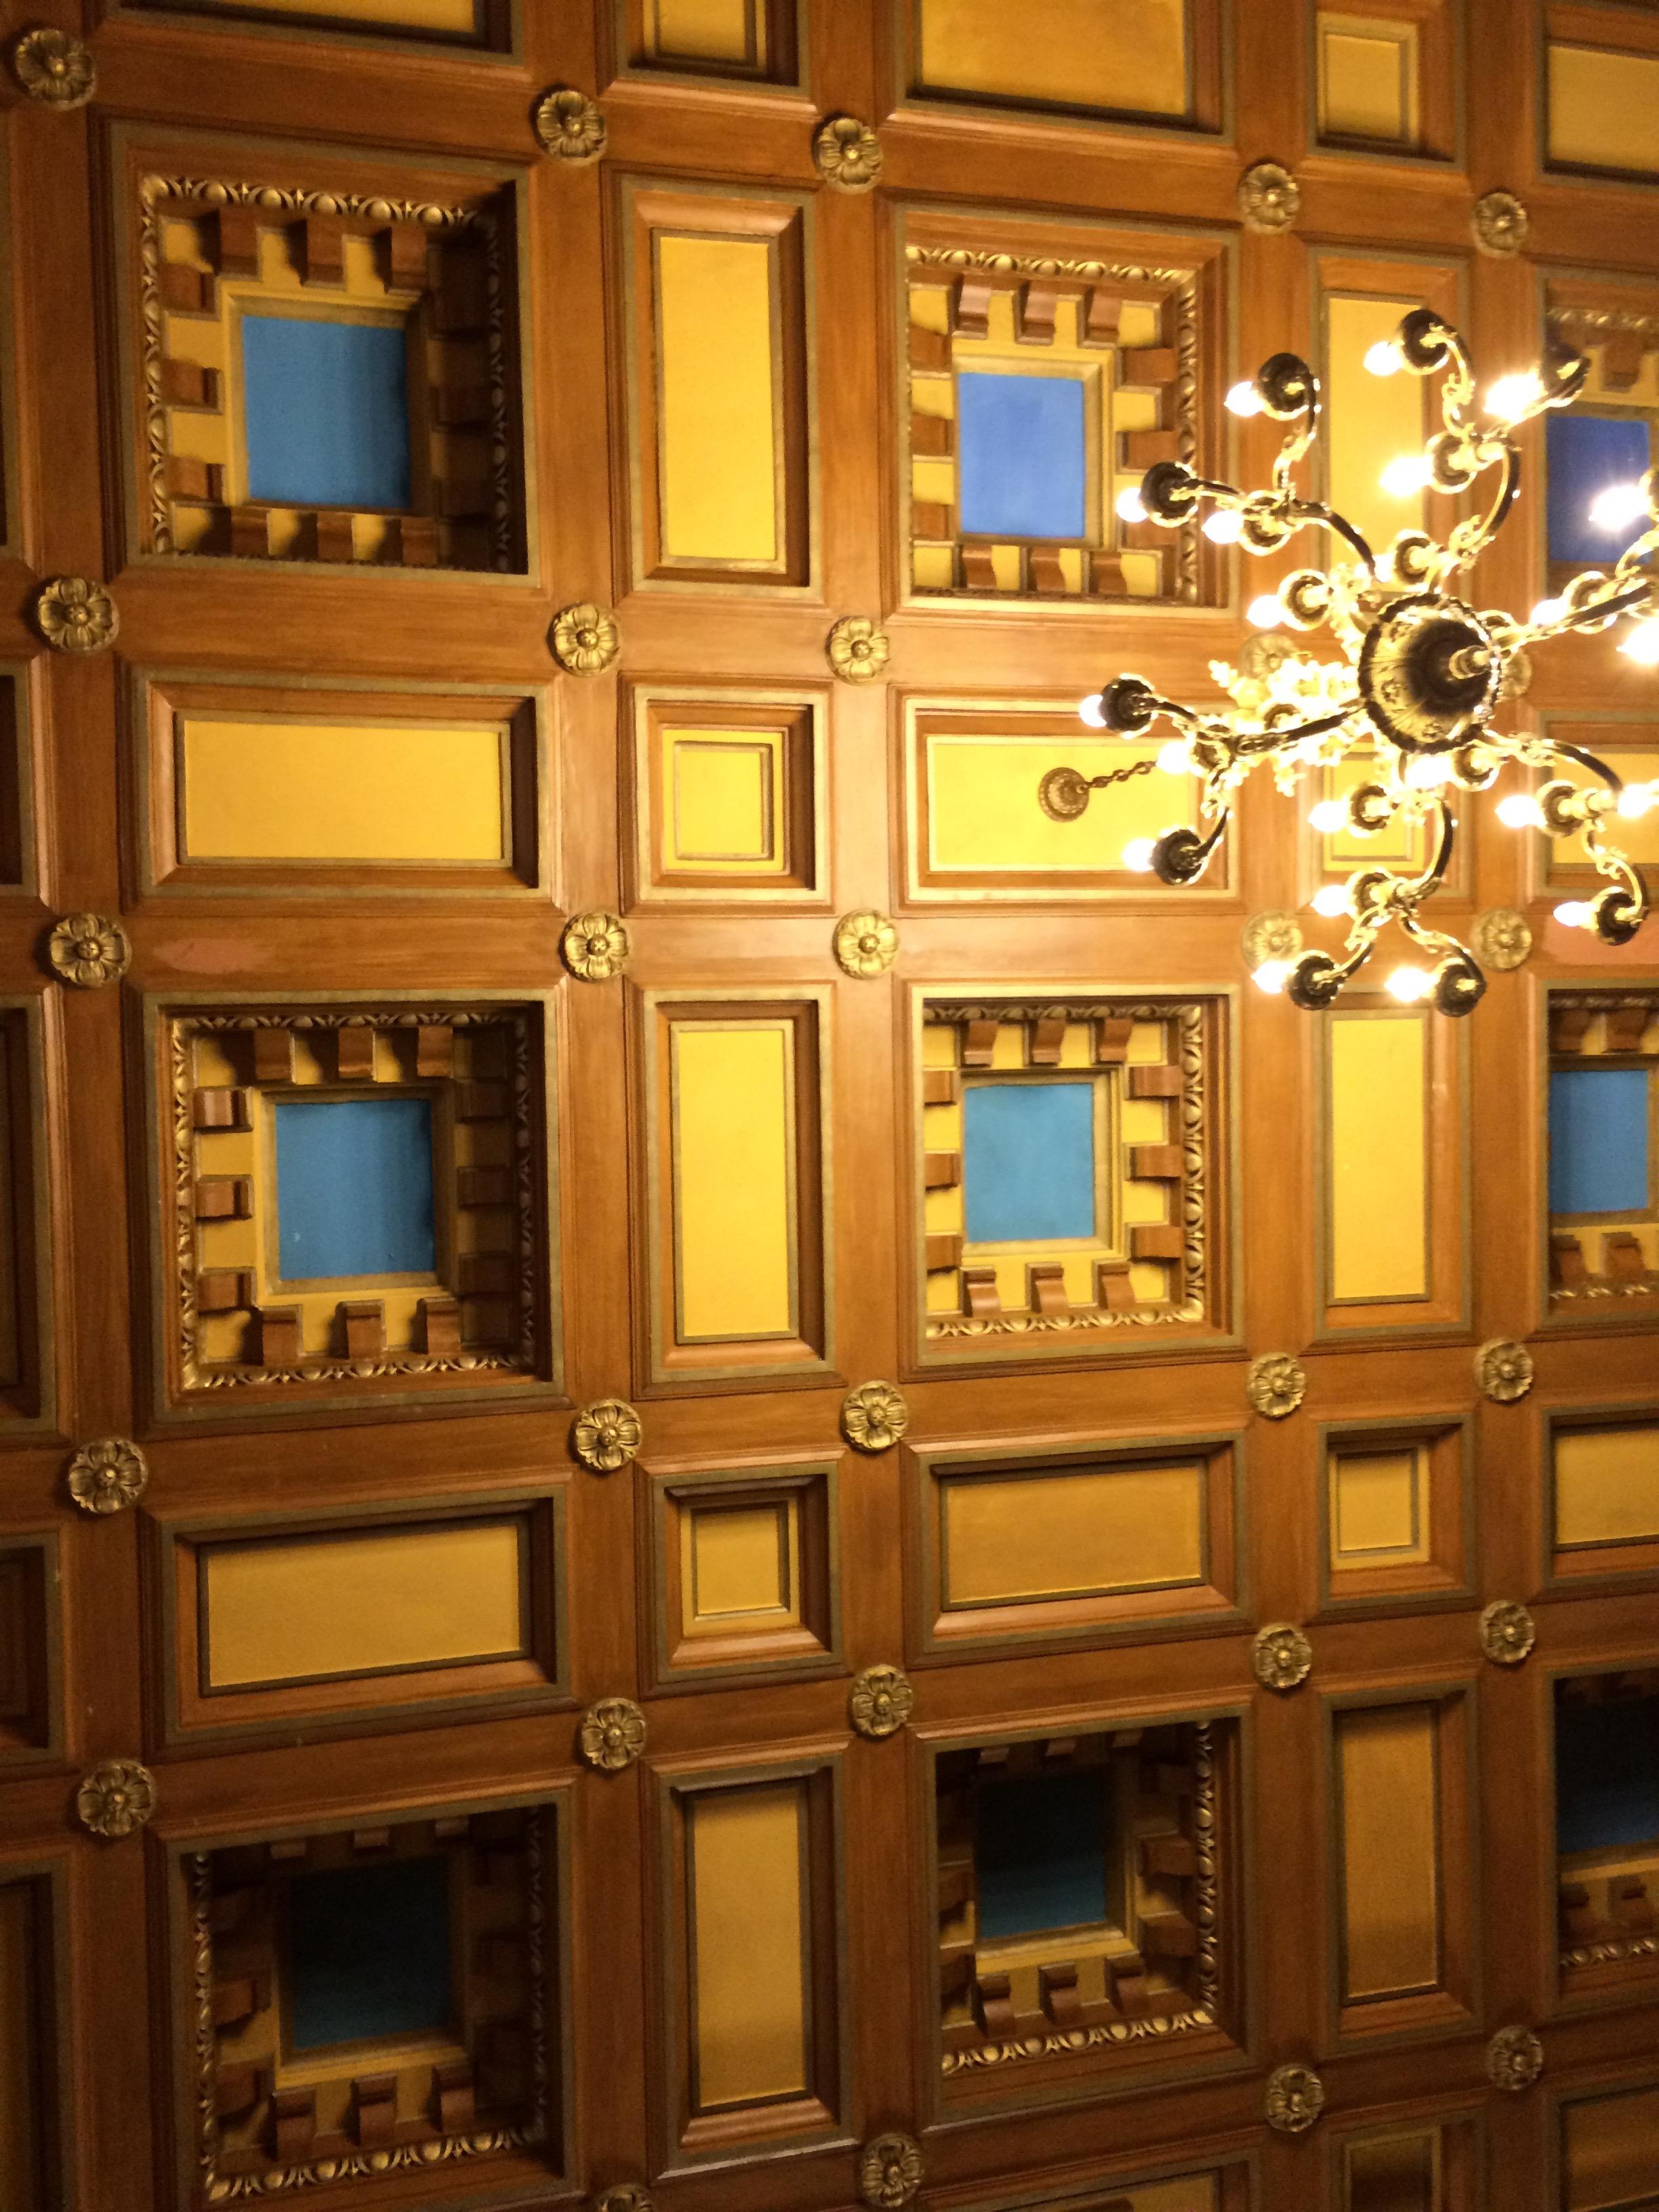 Hotel meeting room ceiling